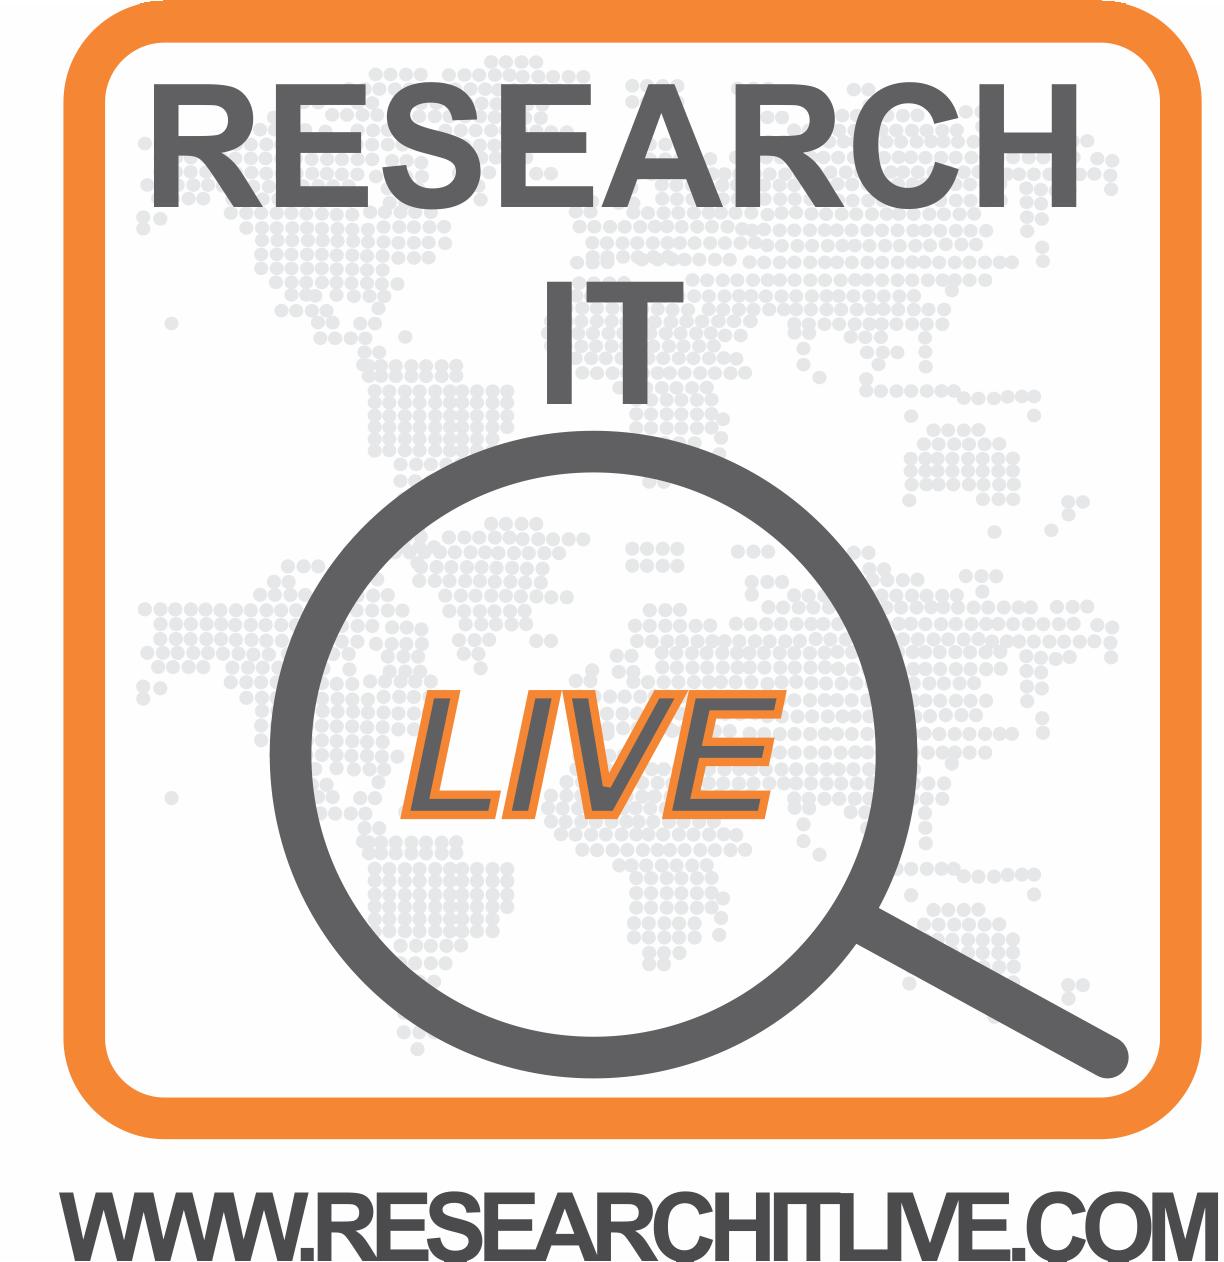 researchitlive logo